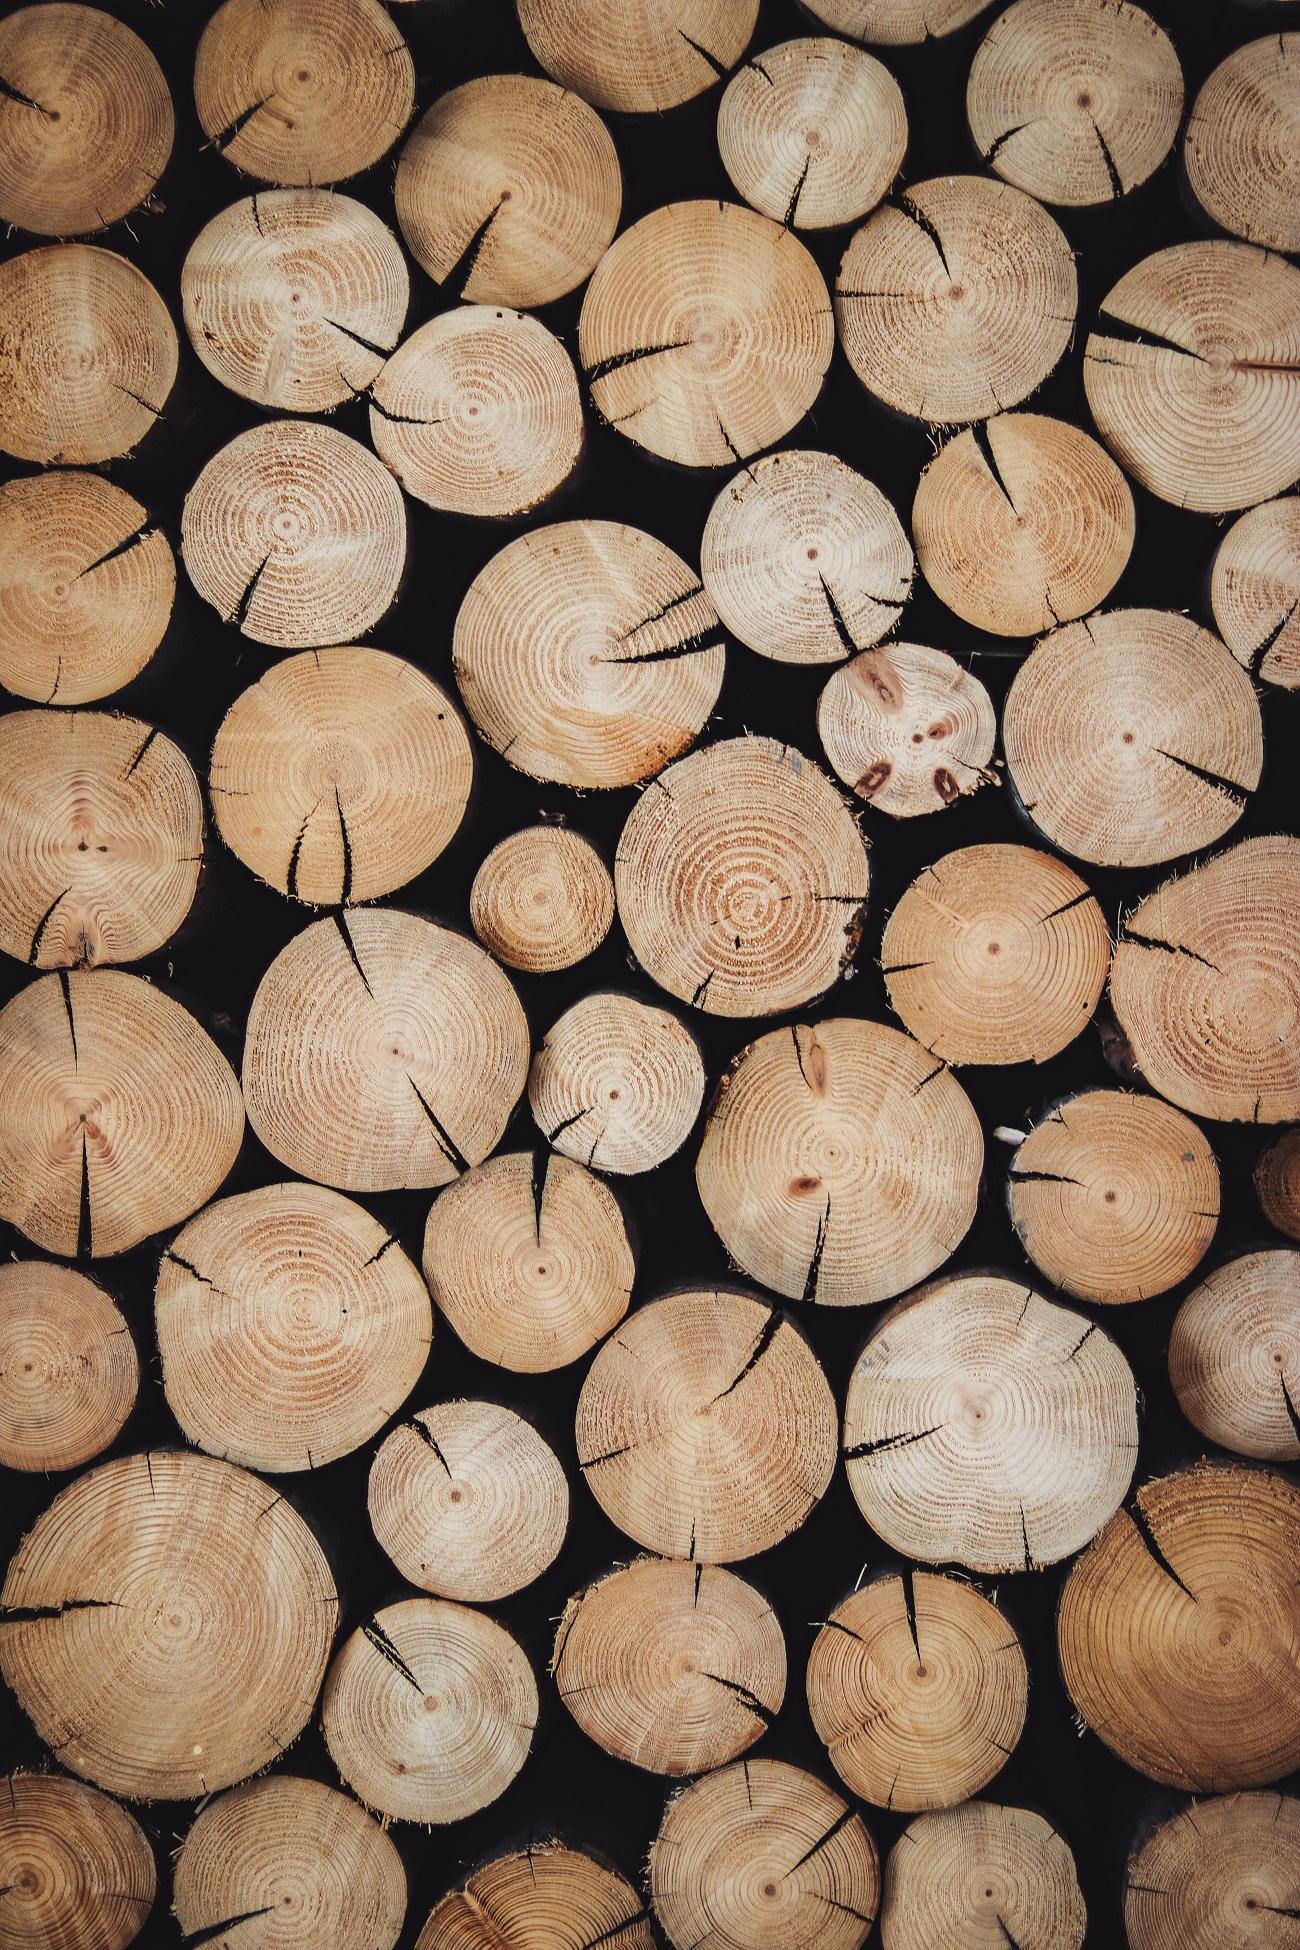 Hoe duurzaam is kleding uit EcoVero?